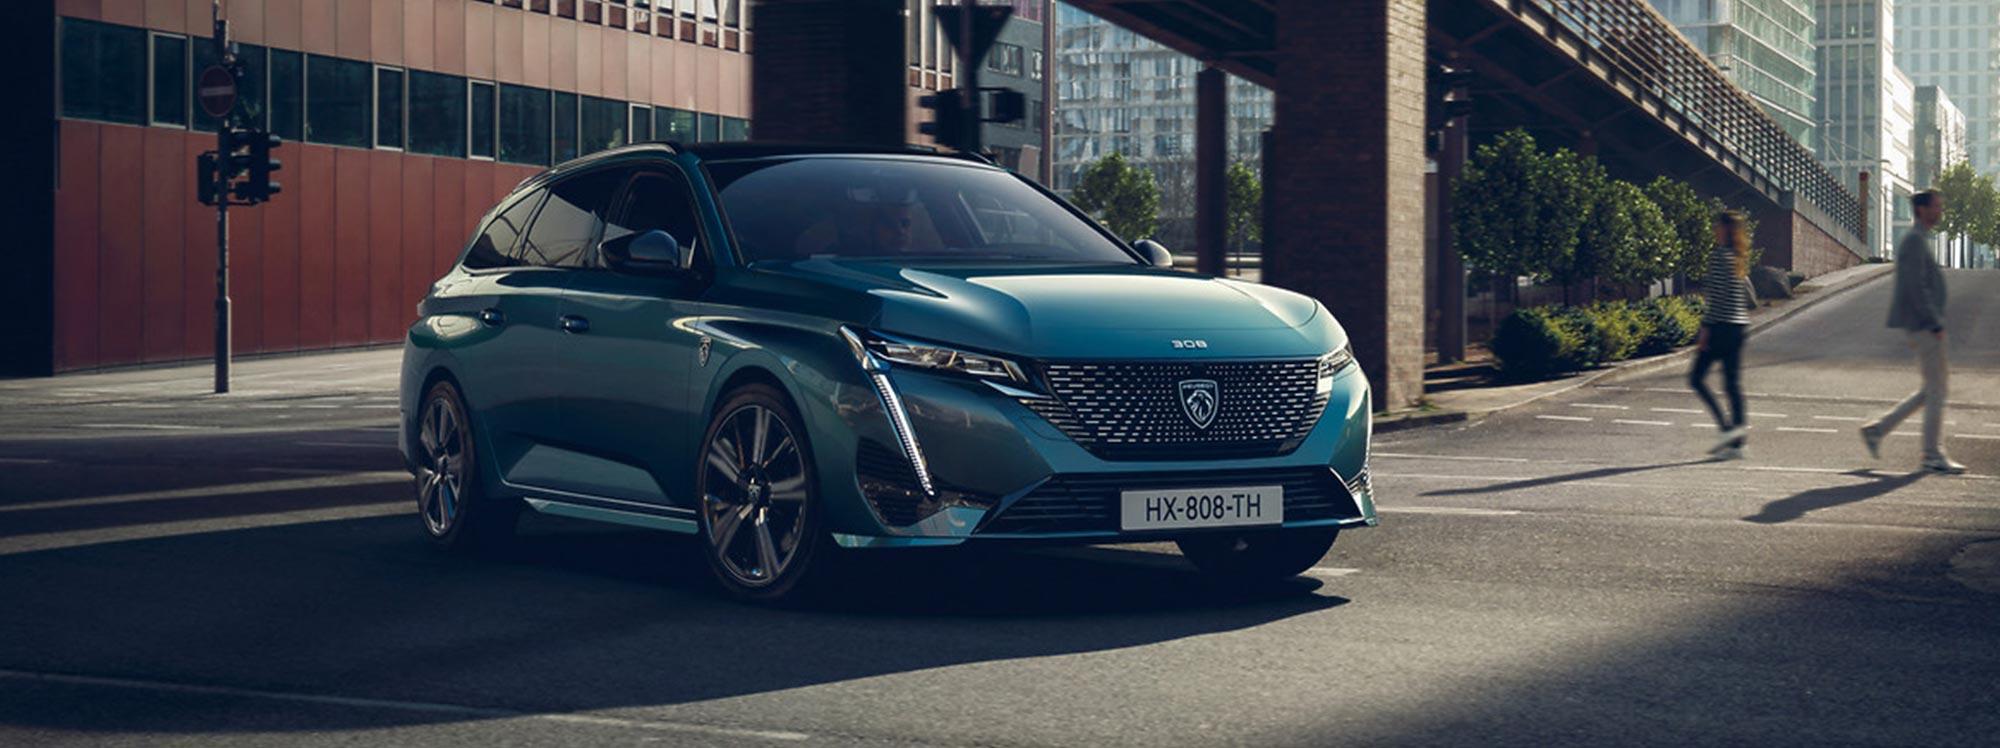 Peugeot, un paso más cerca de completar su gama eléctrica